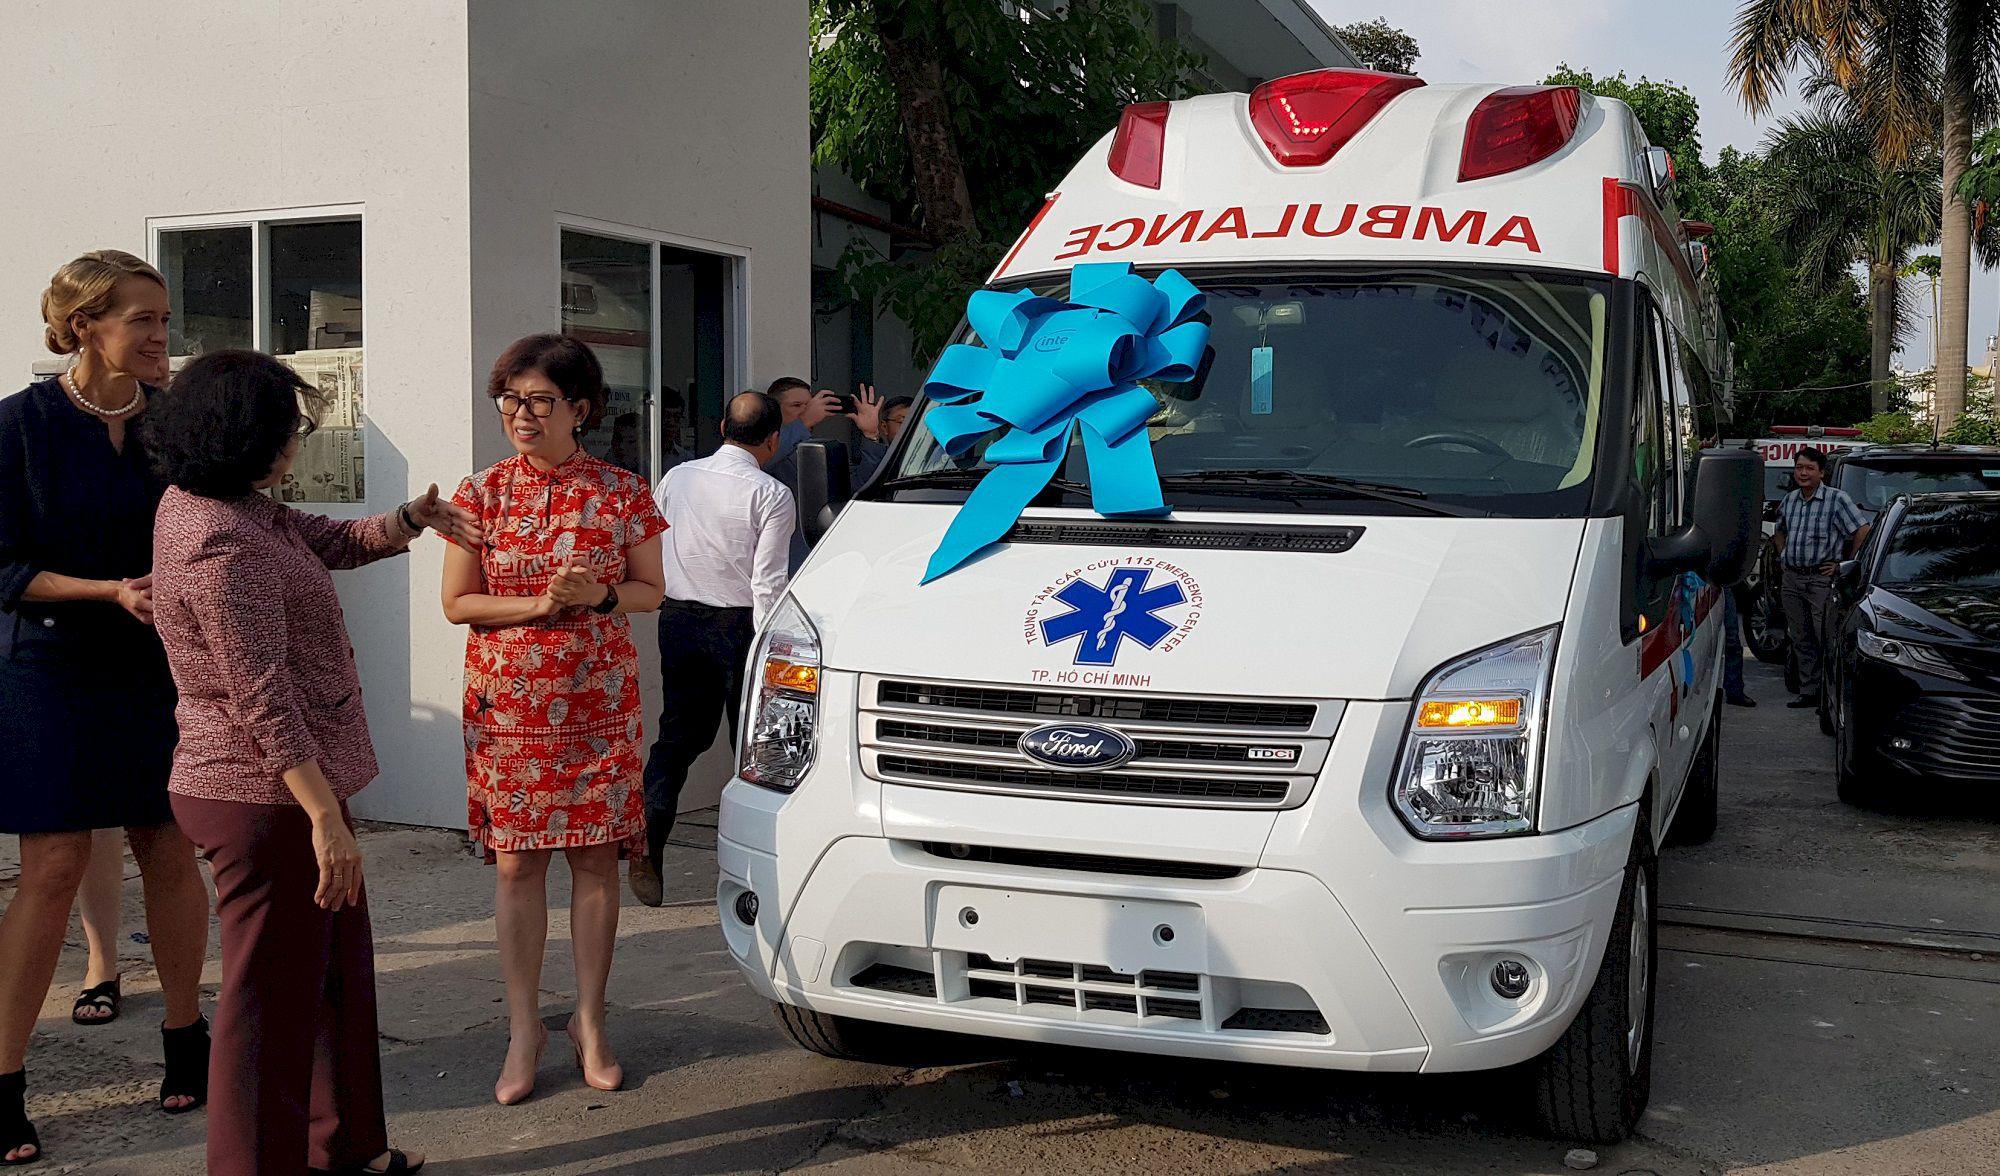 Hà Nội Ambulances tự hào là nhà cung cấp xe cứu thương cho Hiệp hội Thương mại Mỹ